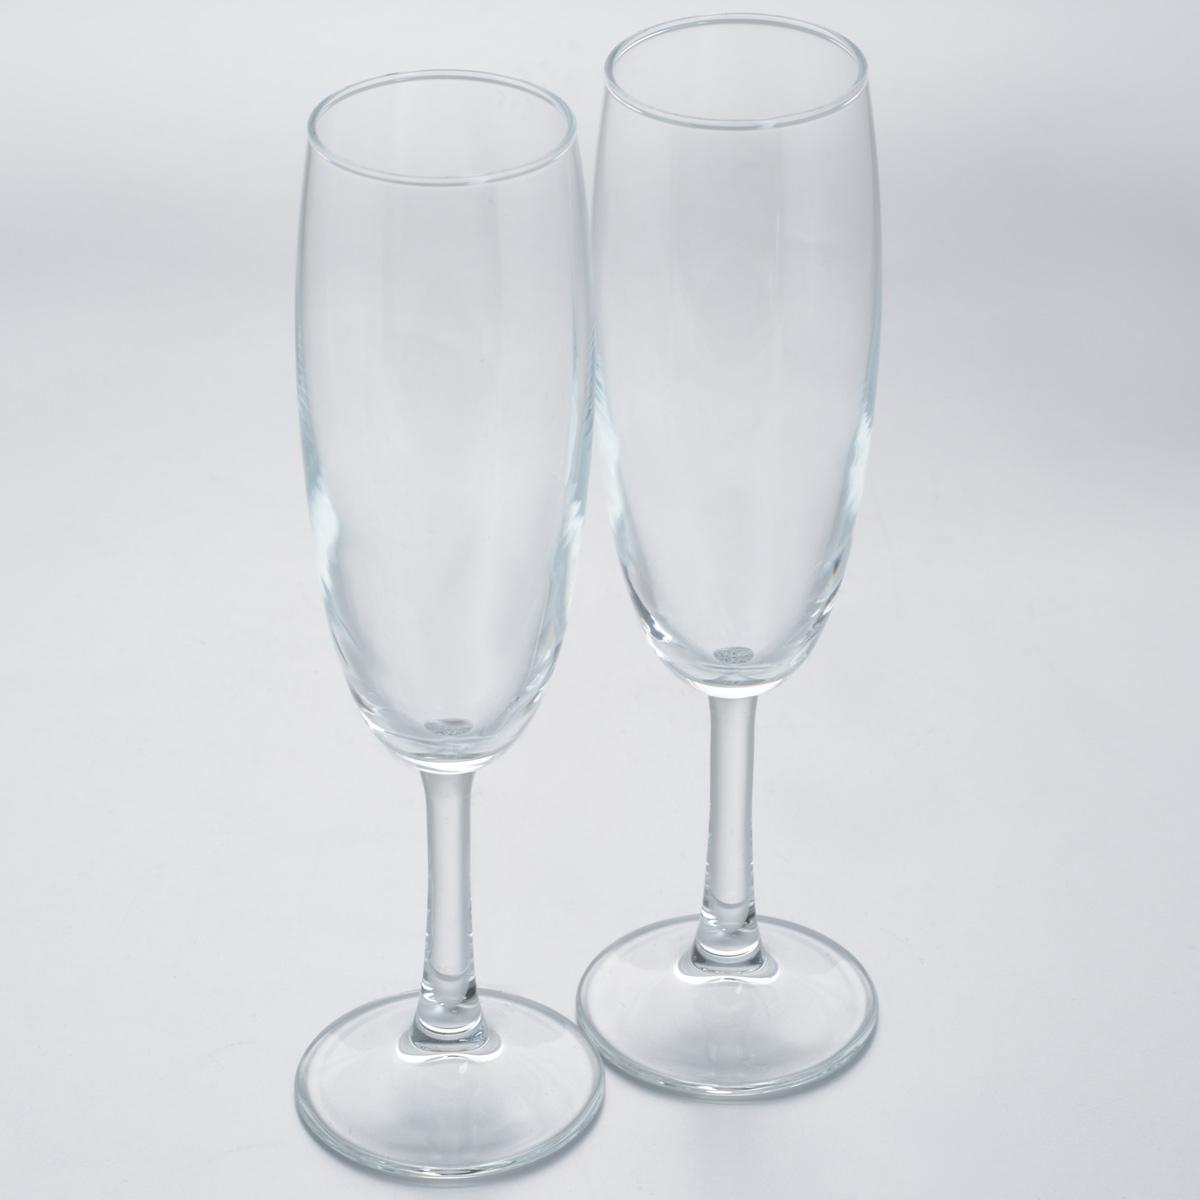 Набор бокалов Pasabahce Classique, 215 мл, 2 шт440150BНабор Pasabahce Classique состоит из двух высоких бокалов, выполненных из прочного натрий-кальций-силикатного стекла. Изделия оснащены высокими ножками.. Бокалы предназначены для подачи шампанского или вина. Набор бокалов Pasabahce прекрасно оформит праздничный стол и станет хорошим подарком к любому случаю. Можно мыть в посудомоечной машине. Диаметр бокала (по верхнему краю): 4,9 см. Высота бокала: 21,8 см.